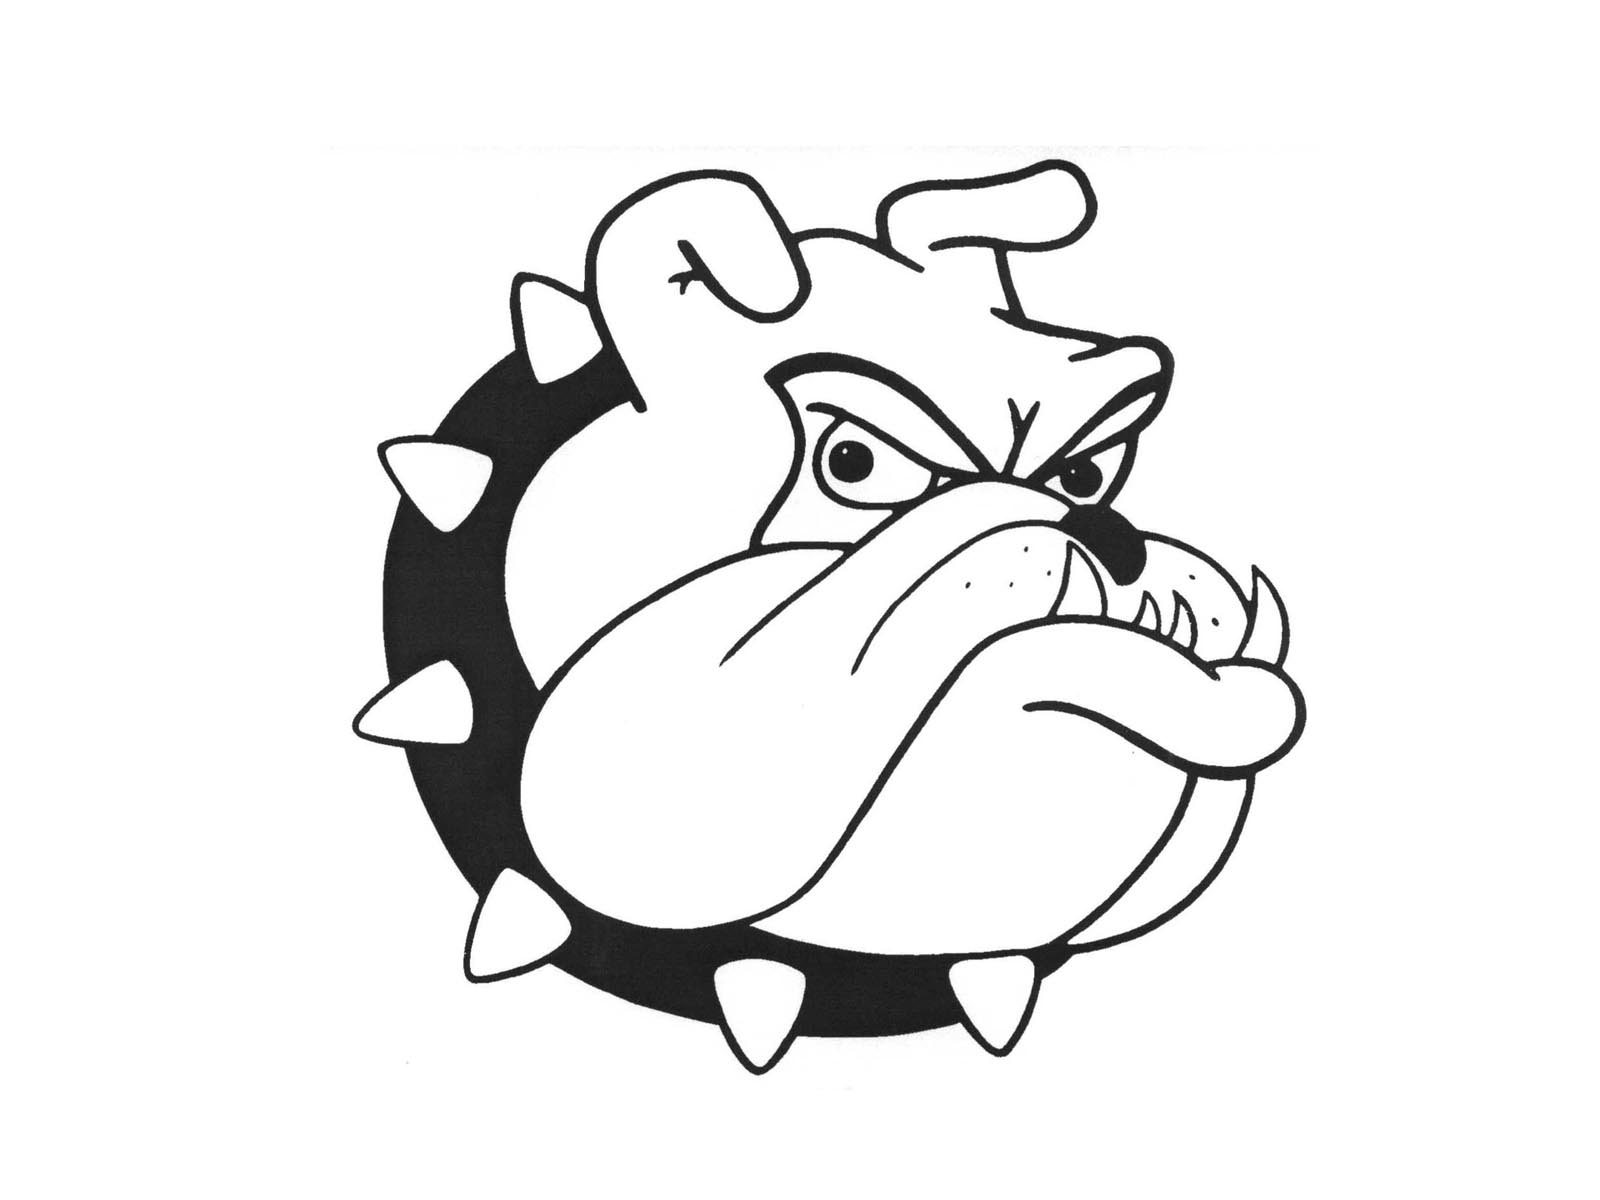 Bulldog line